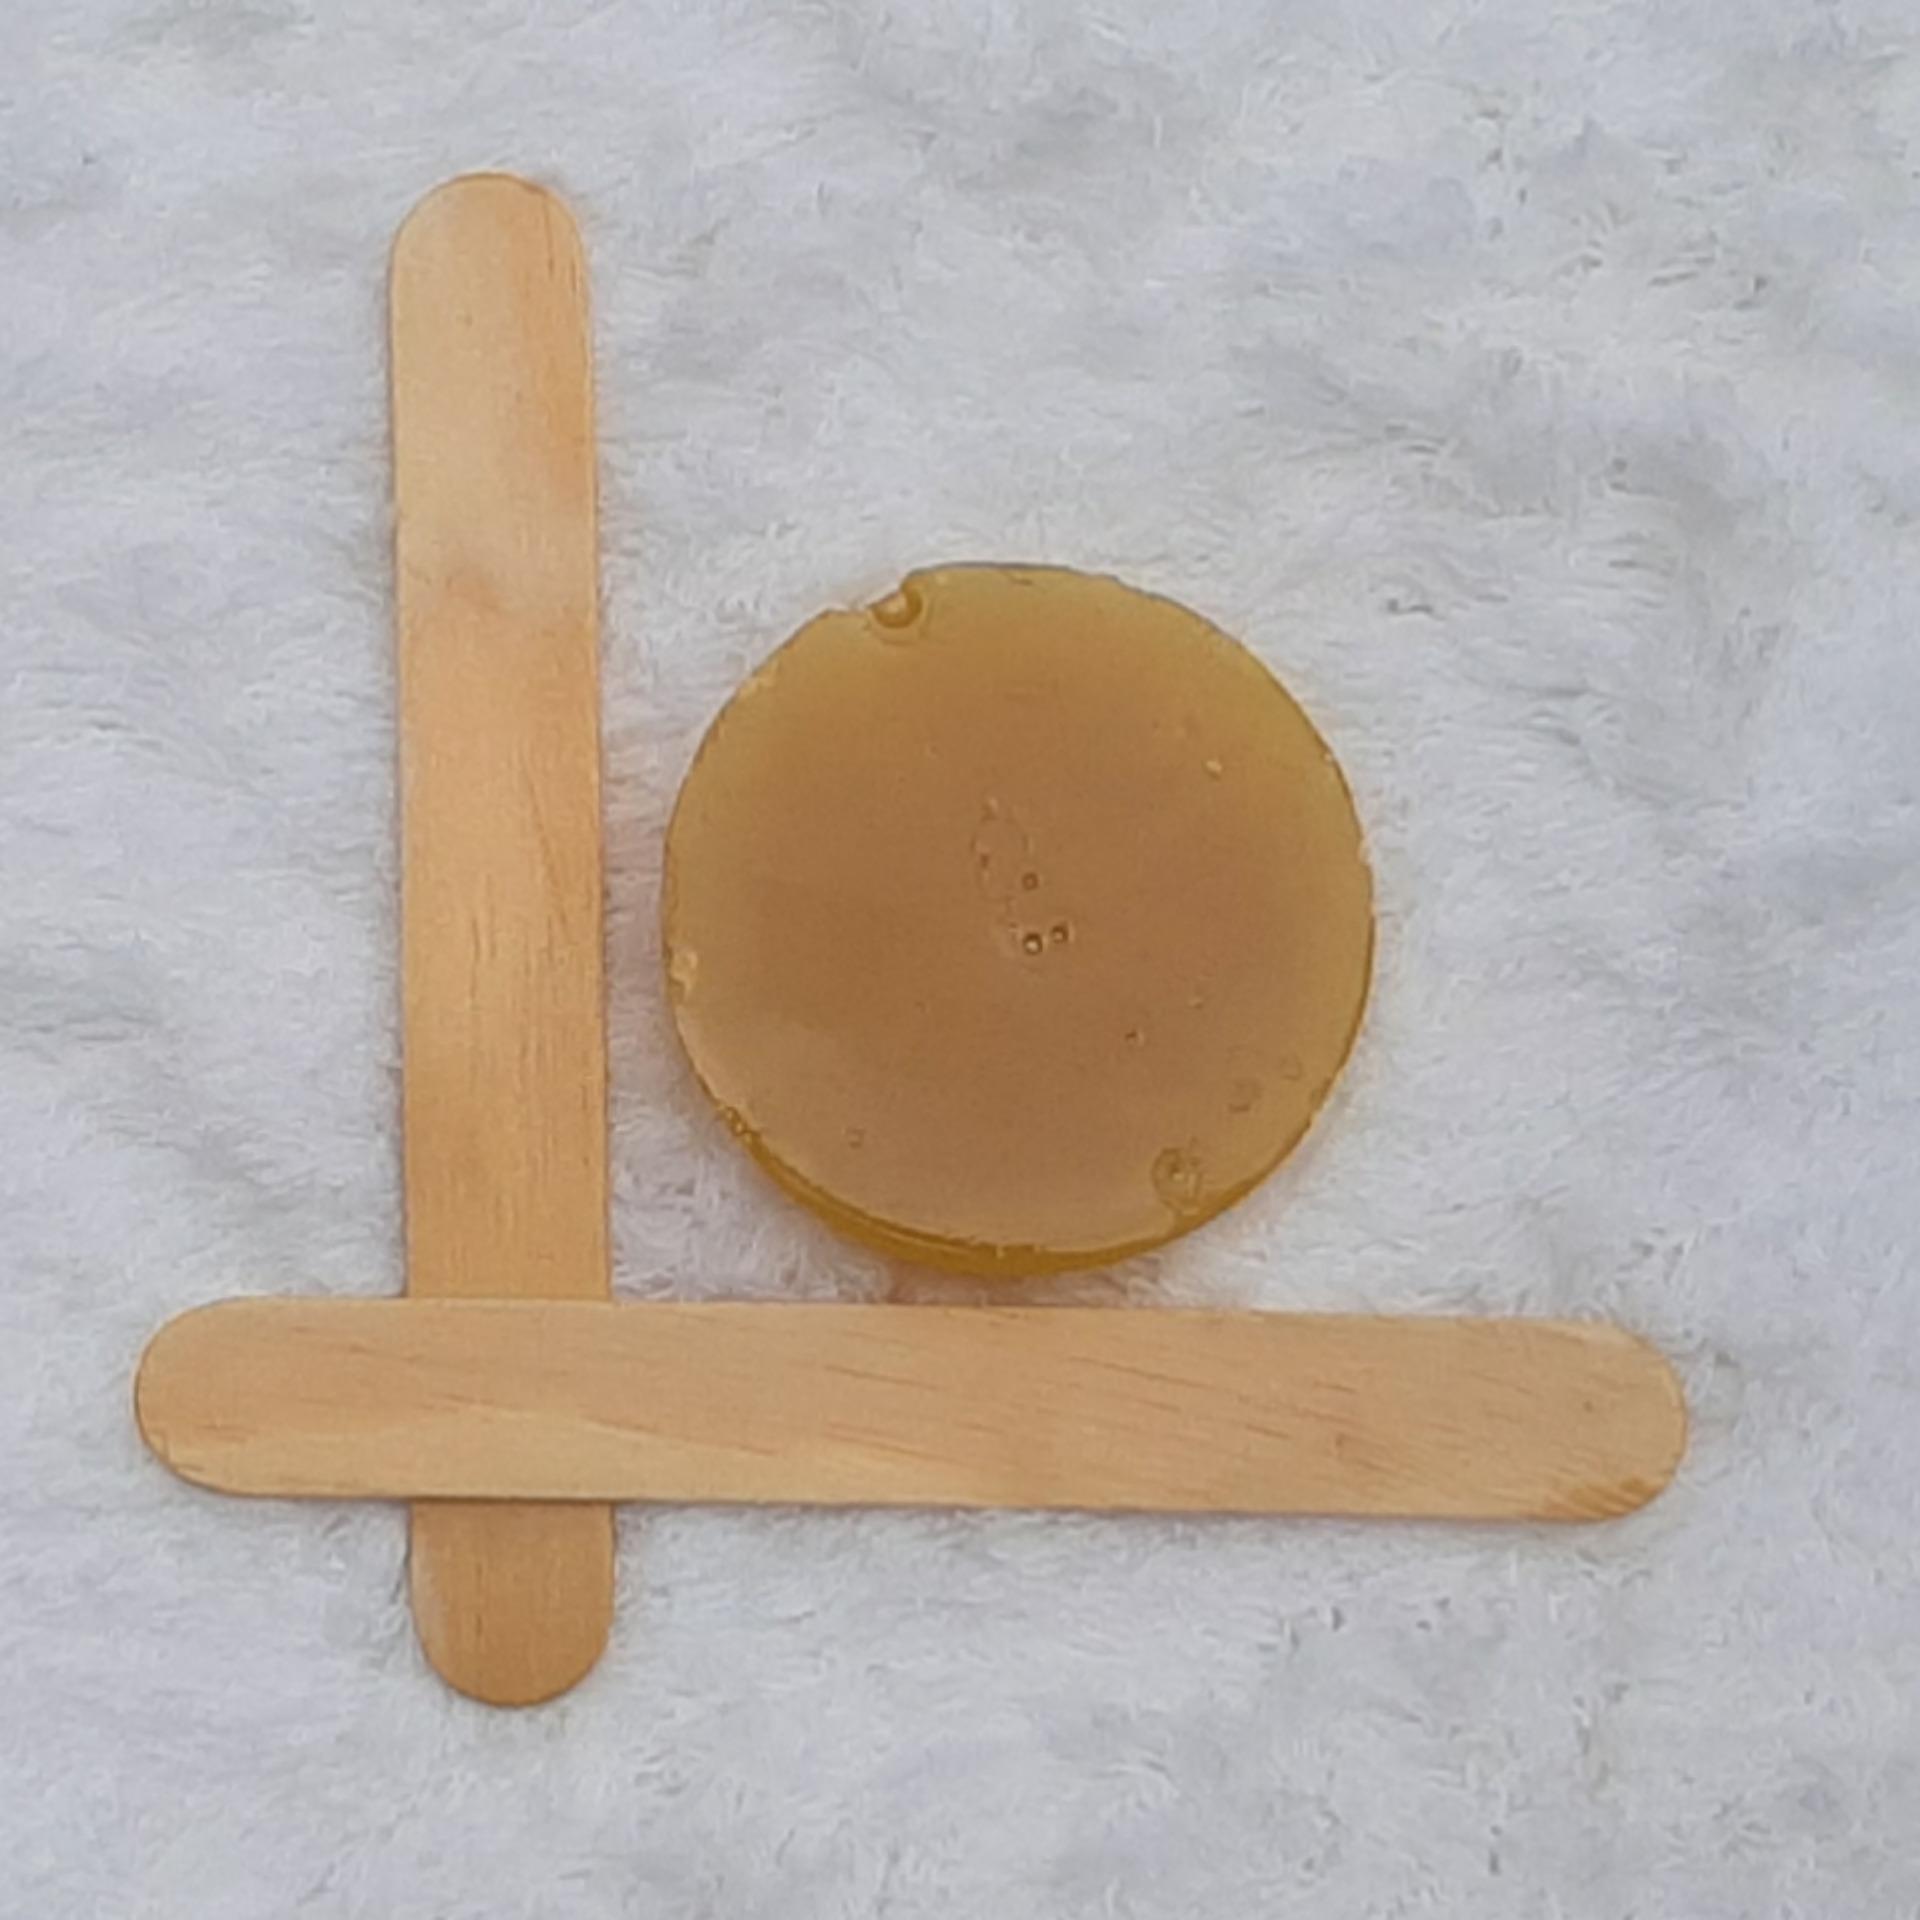 01 Sáp Wax Nóng Caron Australia 50g (tặng 01que) cao cấp